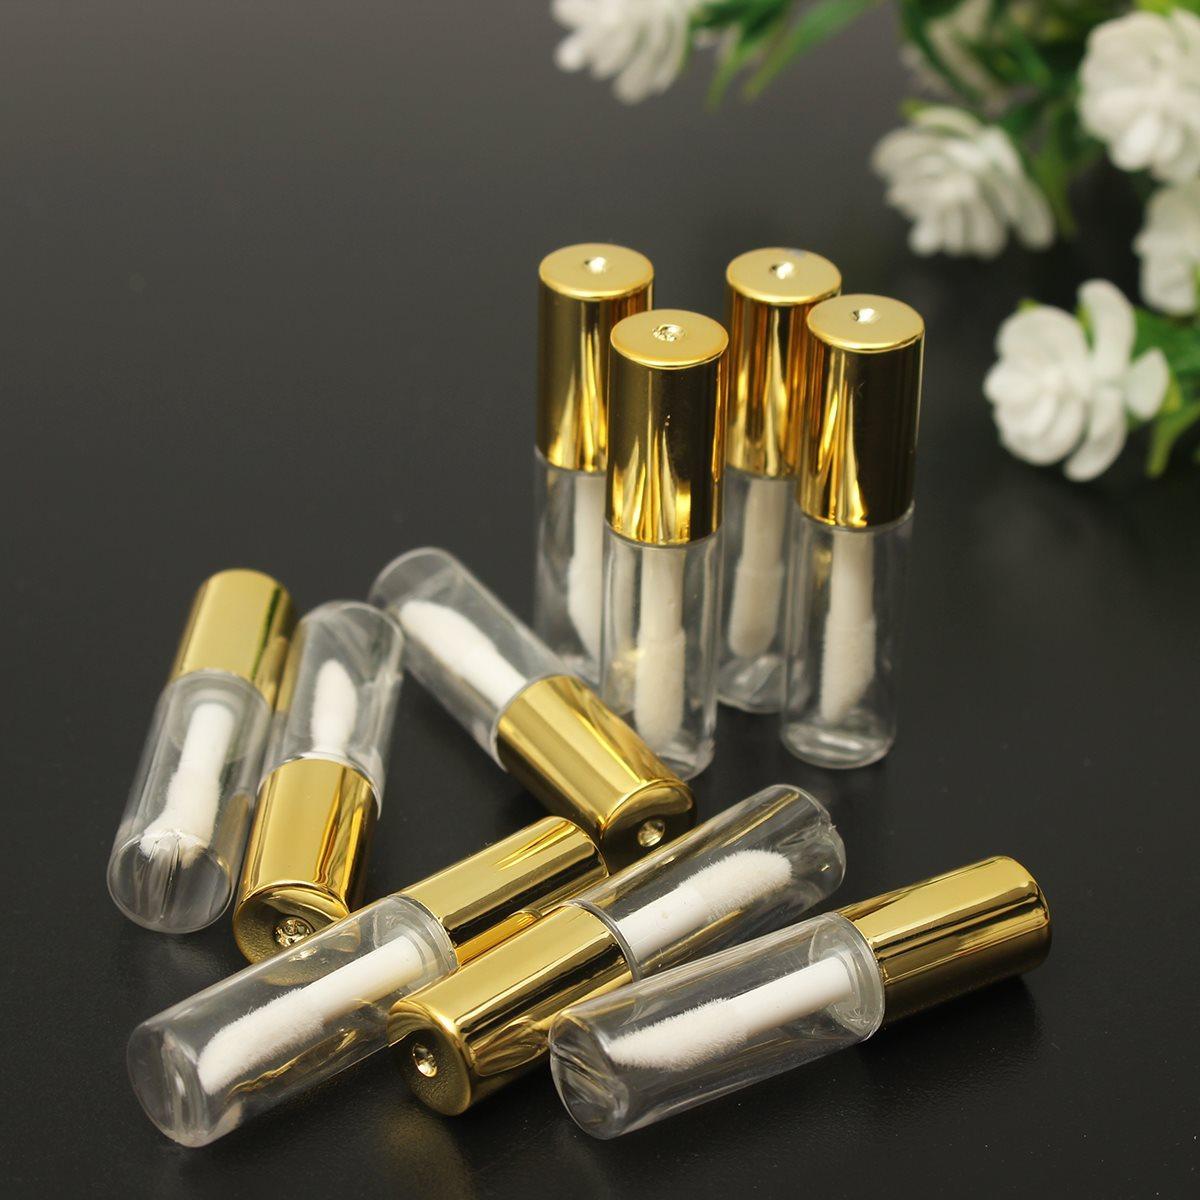 Toptan 1.2 ml Boş Ruj Tüpler Temizle Dudak Parlatıcısı Balsamı Şişe Konteyner Güzellik Aracı Altın Kap Mini Örnek Şişeleri